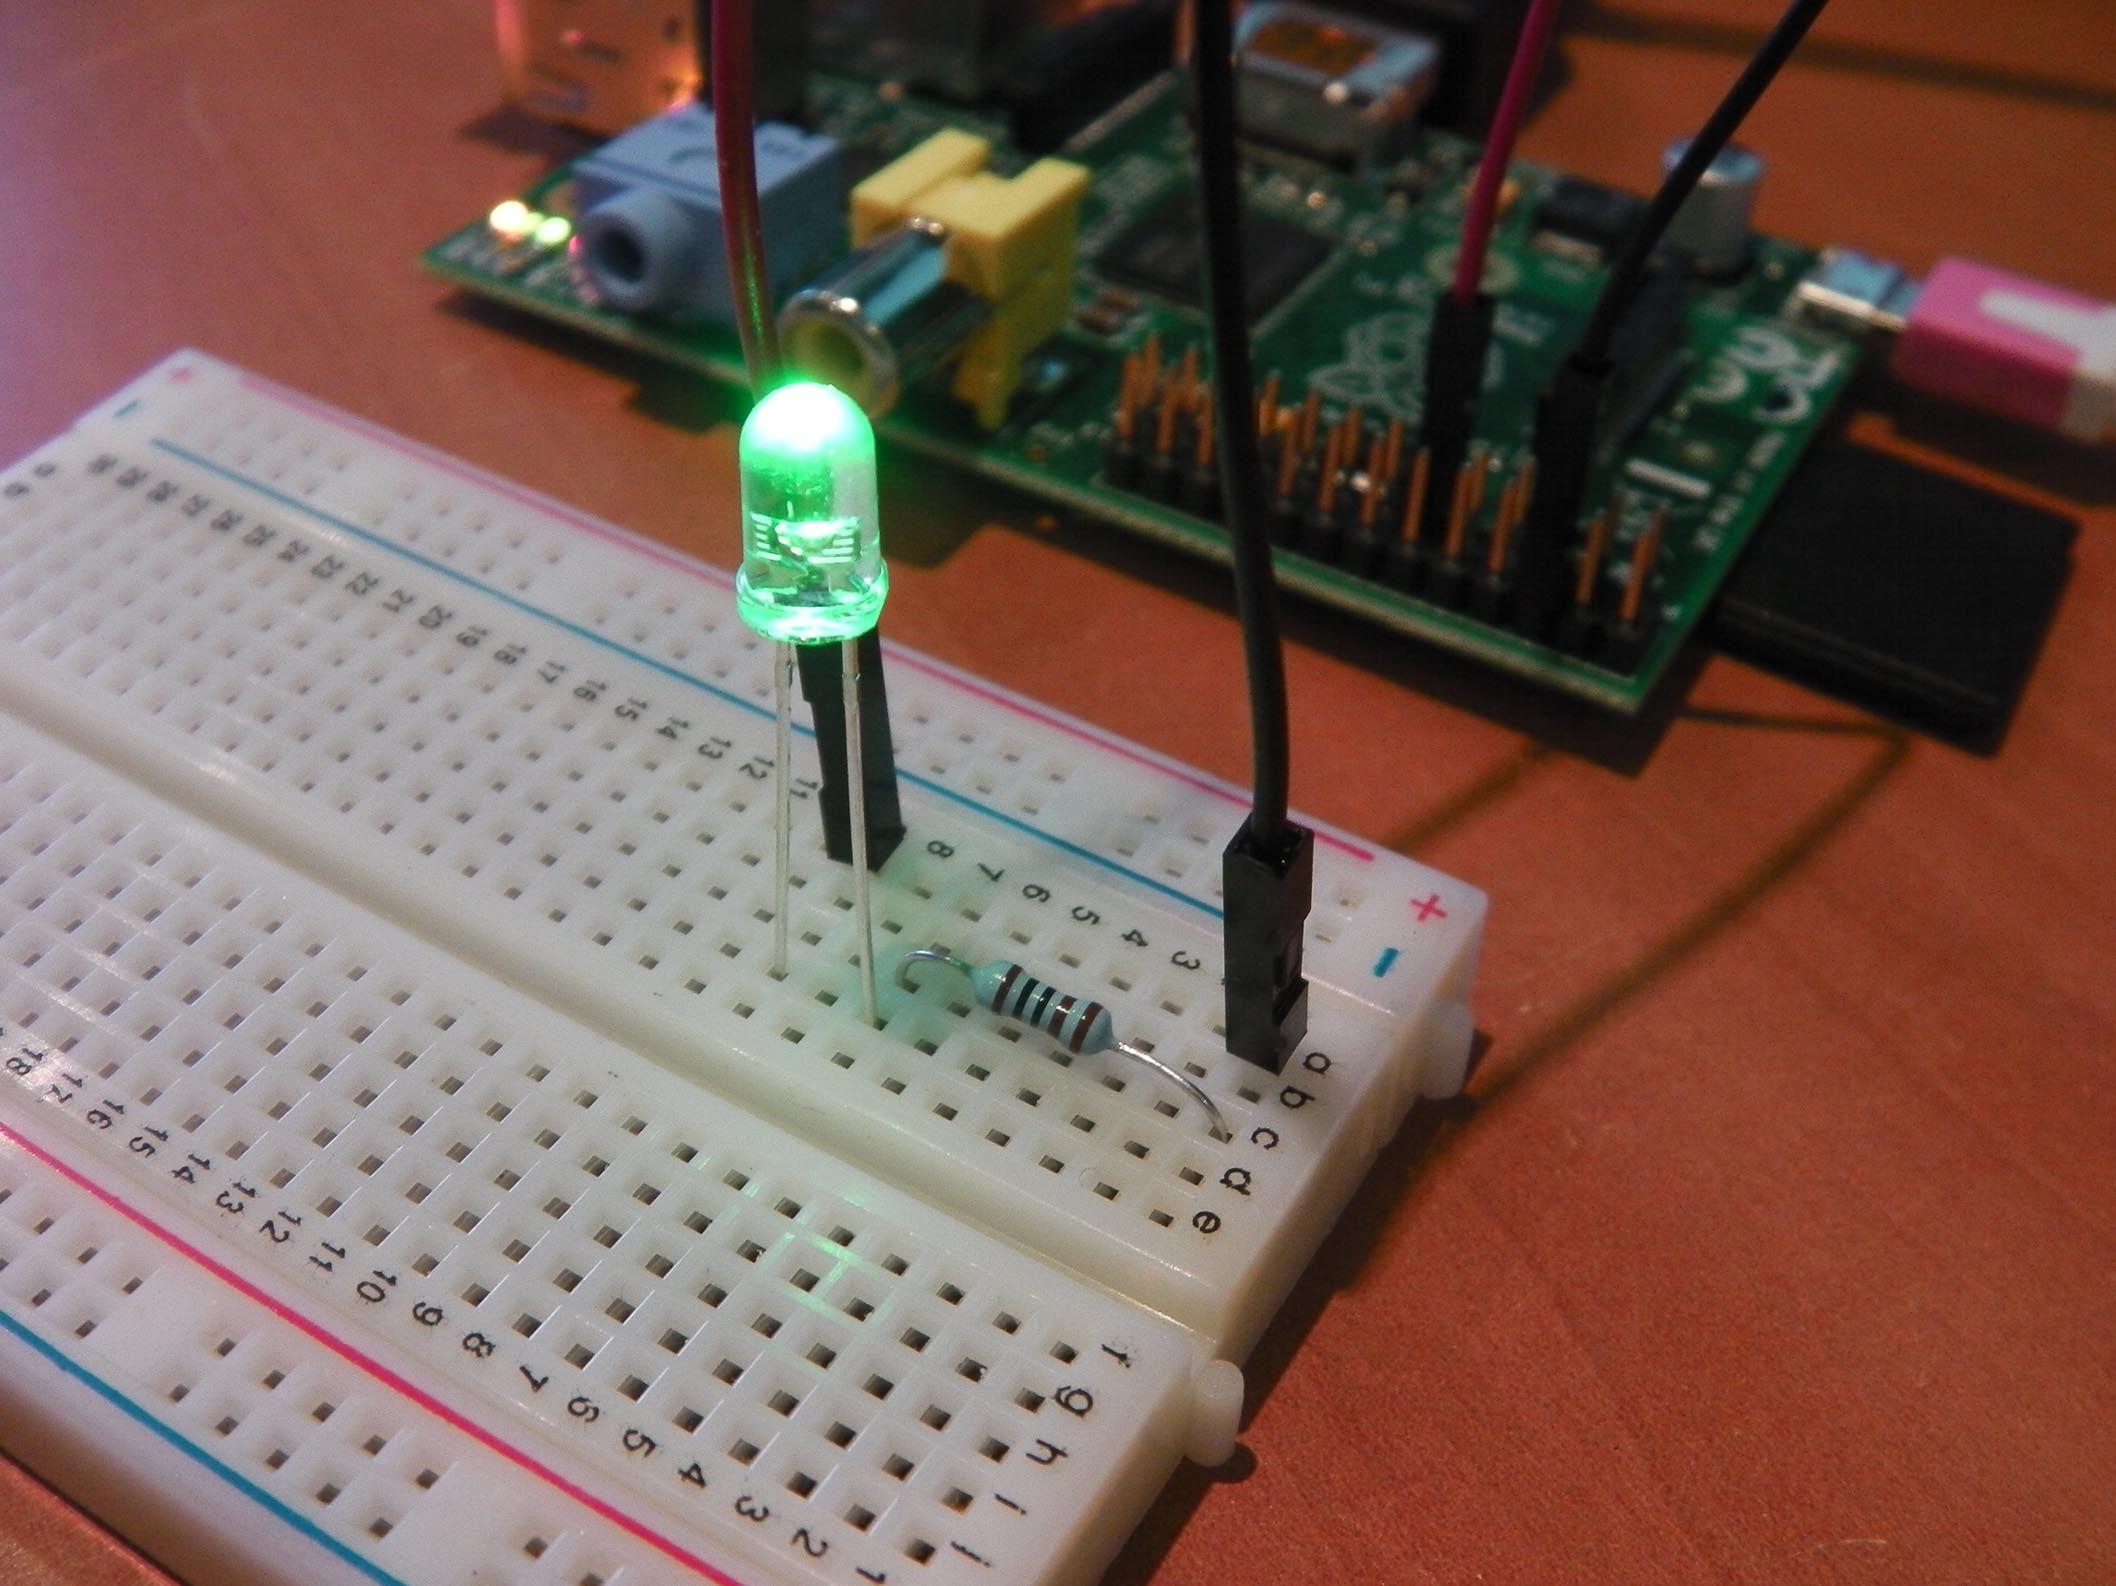 Tutorial: Flashing LED using GPIO Output | Language - Python